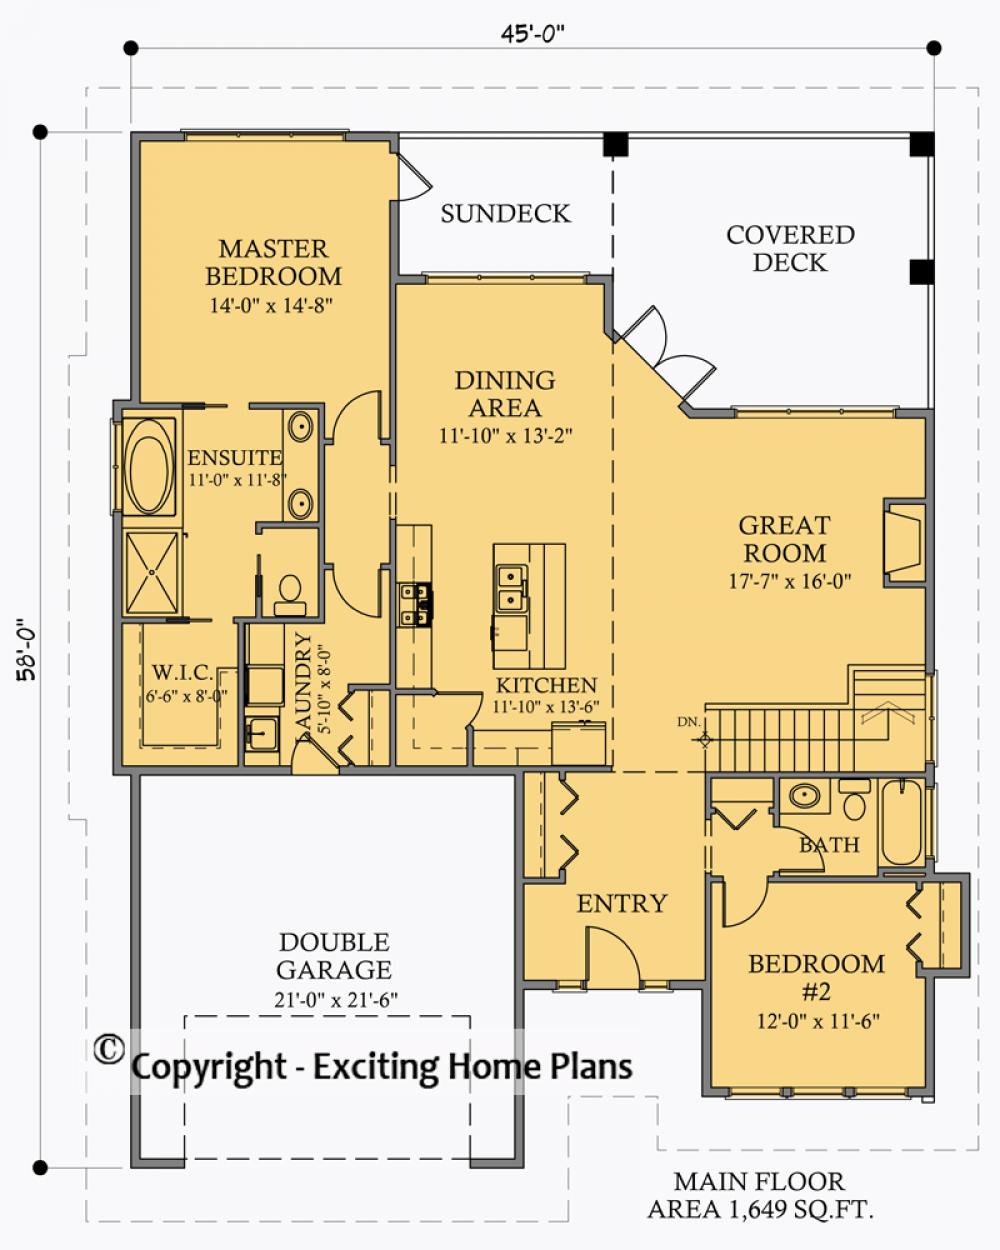 E1049 10 Main Floor Plan Bungalow House Plans House Plans Online House Plans